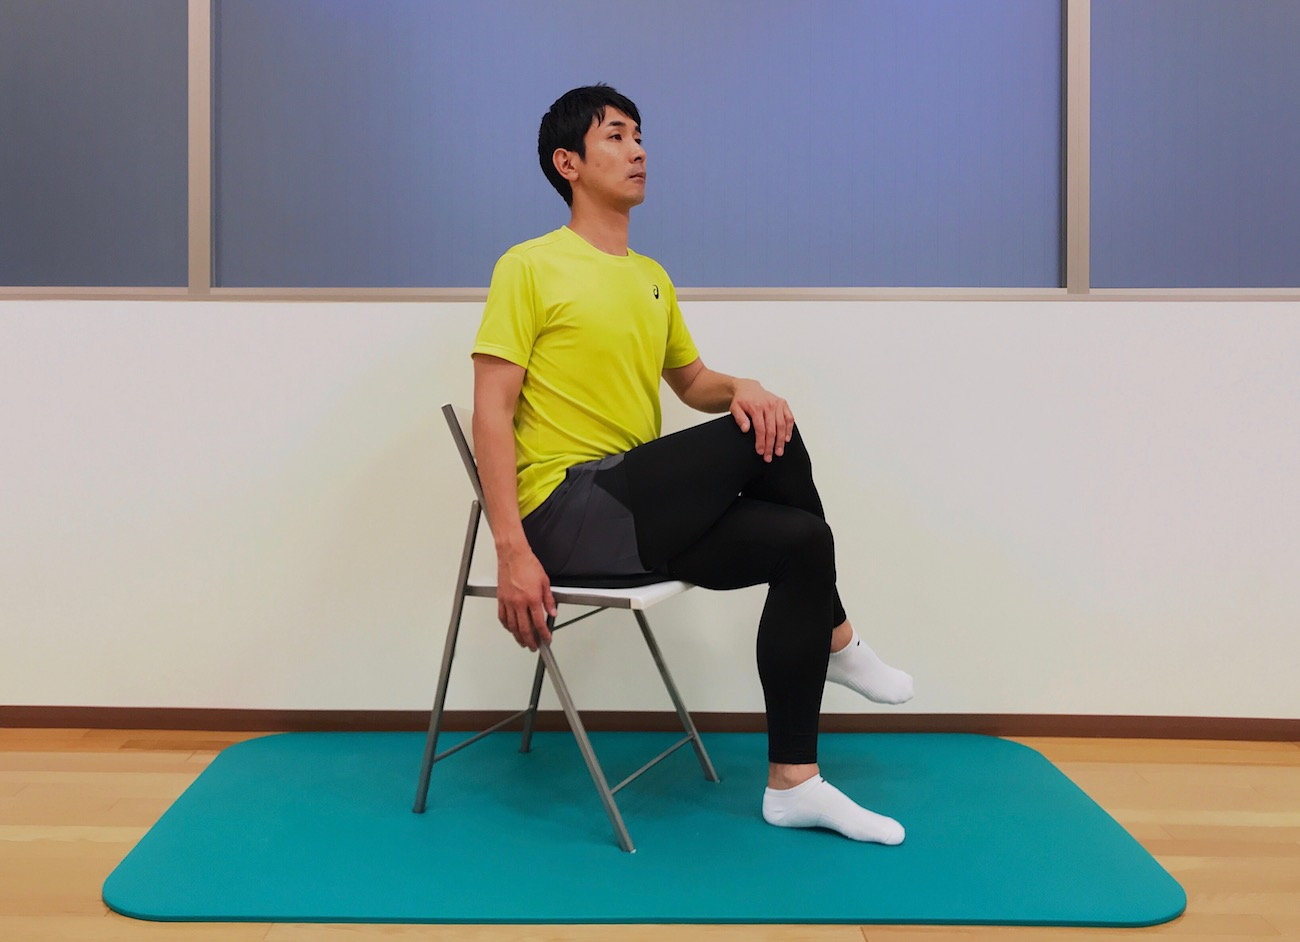 椅子に座って行う腰〜お尻(大殿筋)の筋肉のストレッチの方法